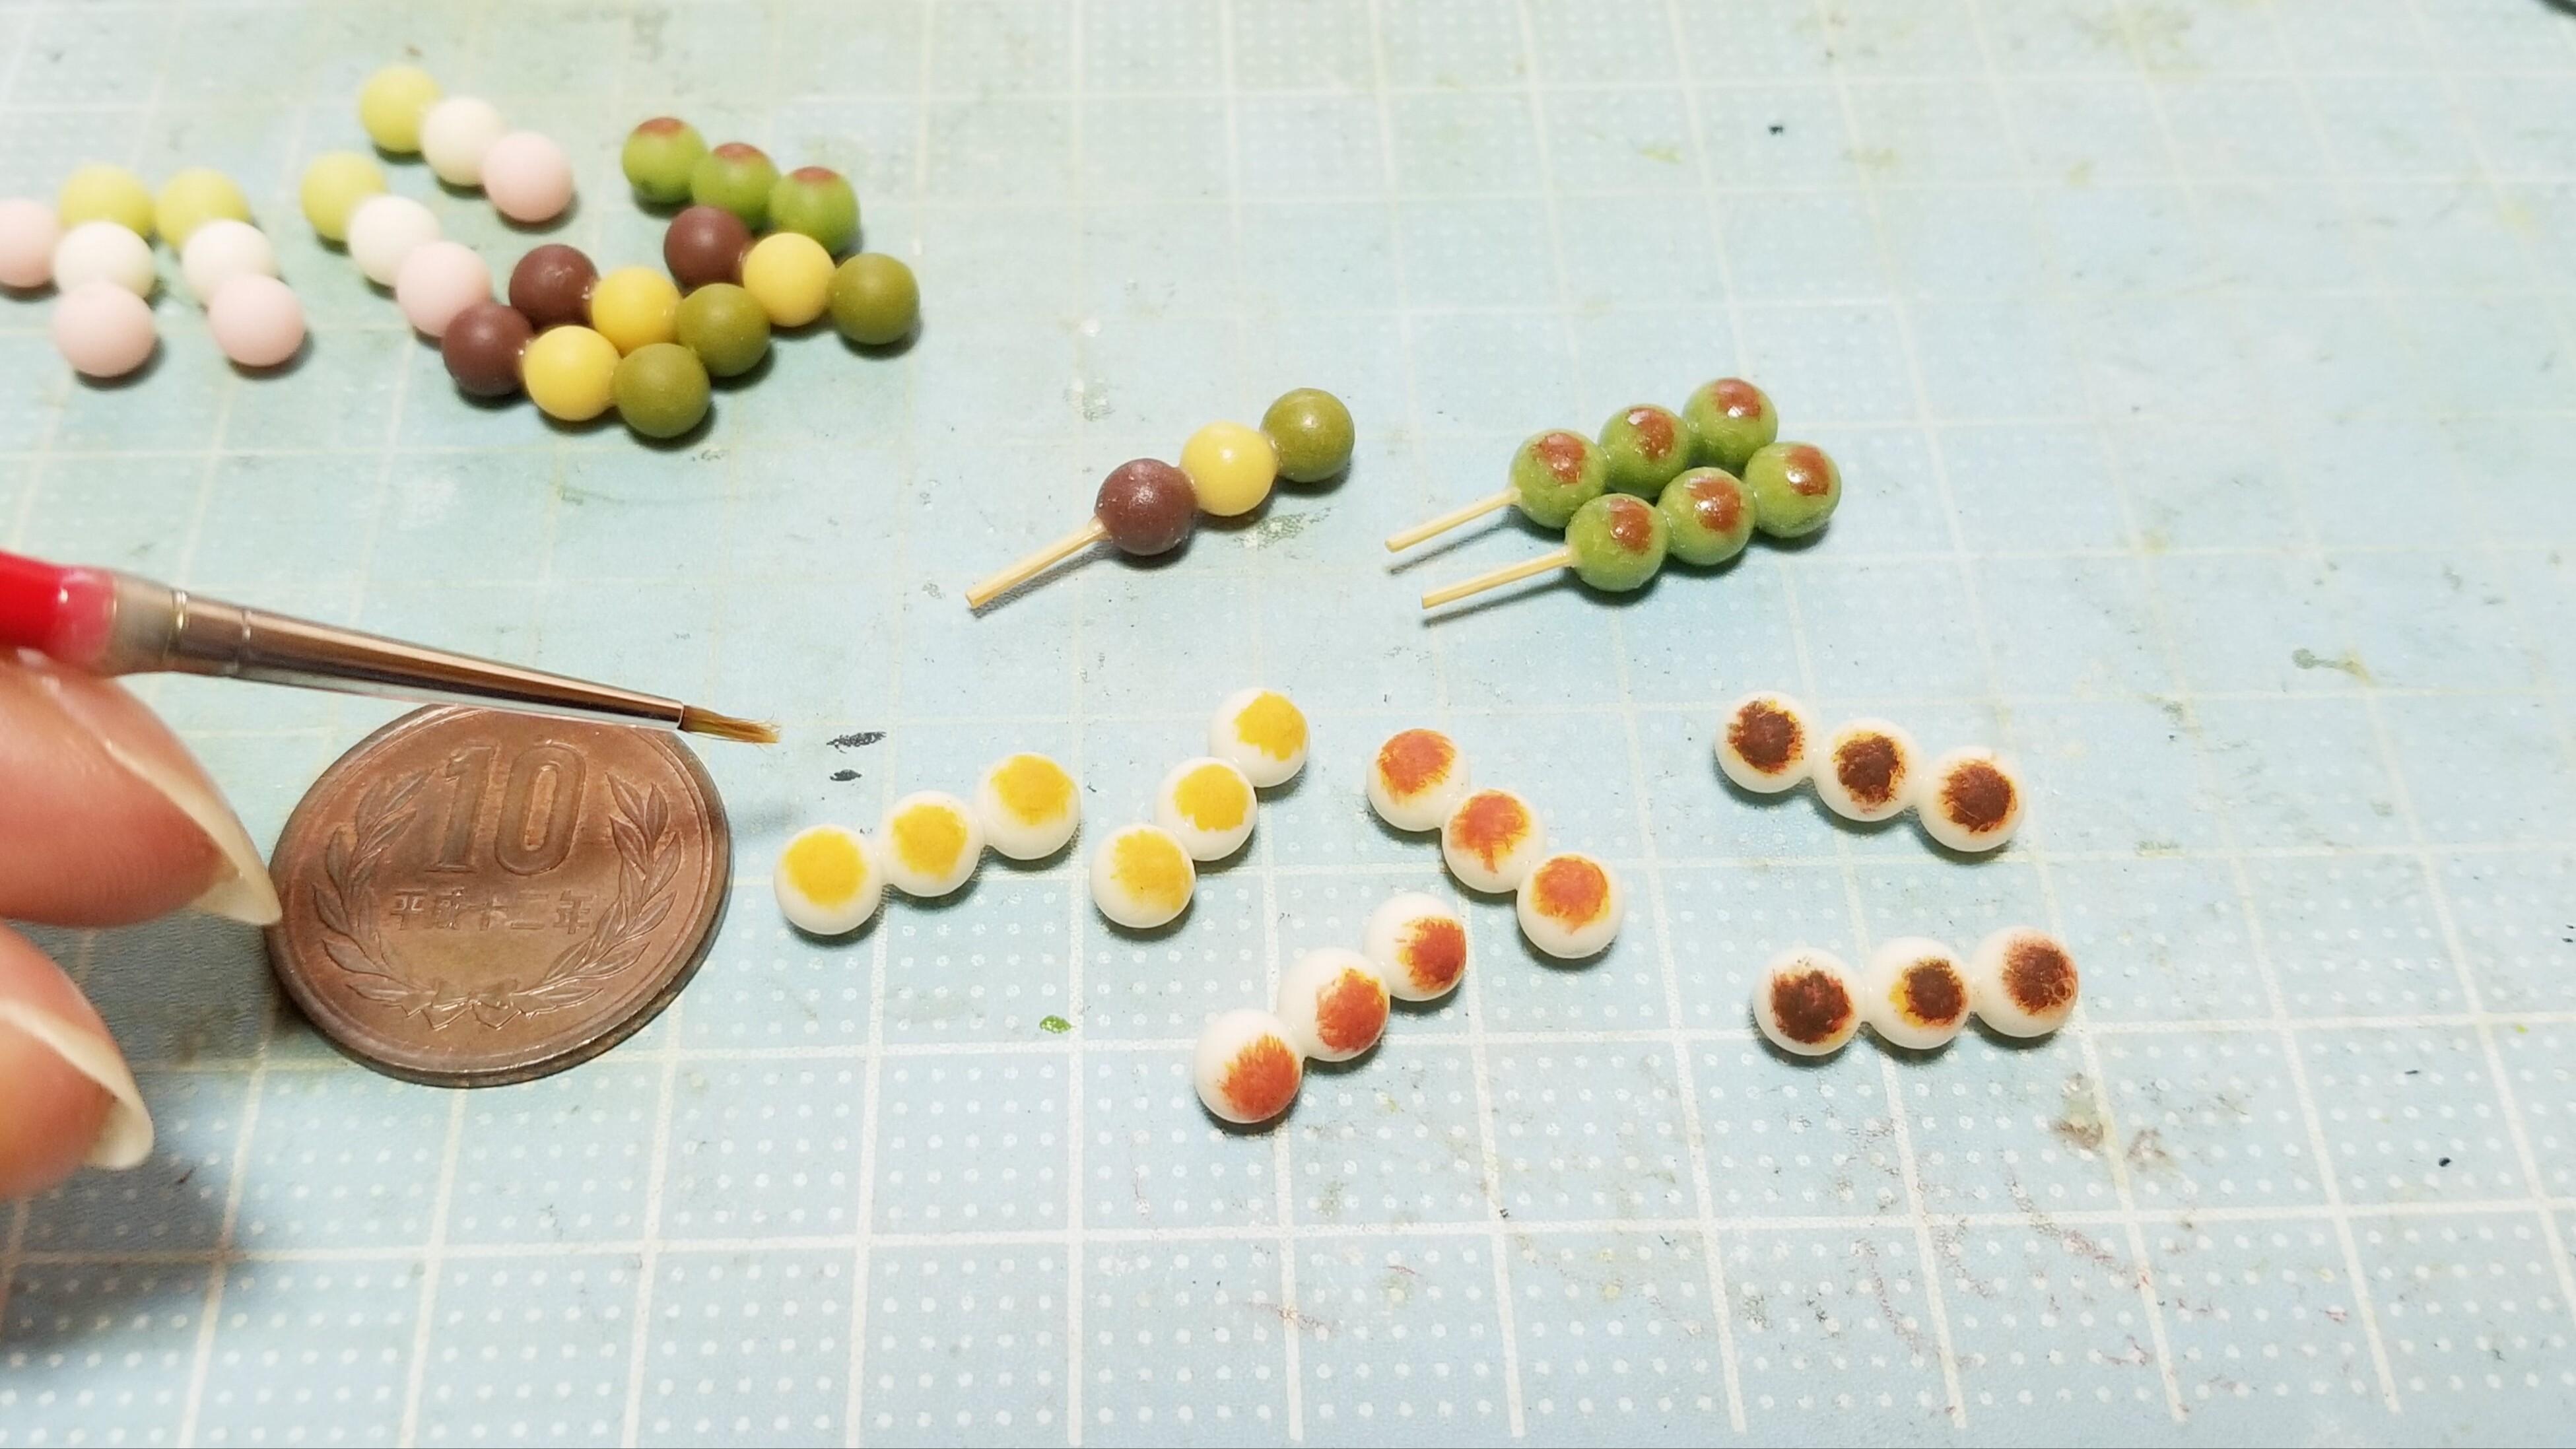 ミニチュアフード作家樹脂粘土かわいいハンドメイド小物手作り和菓子